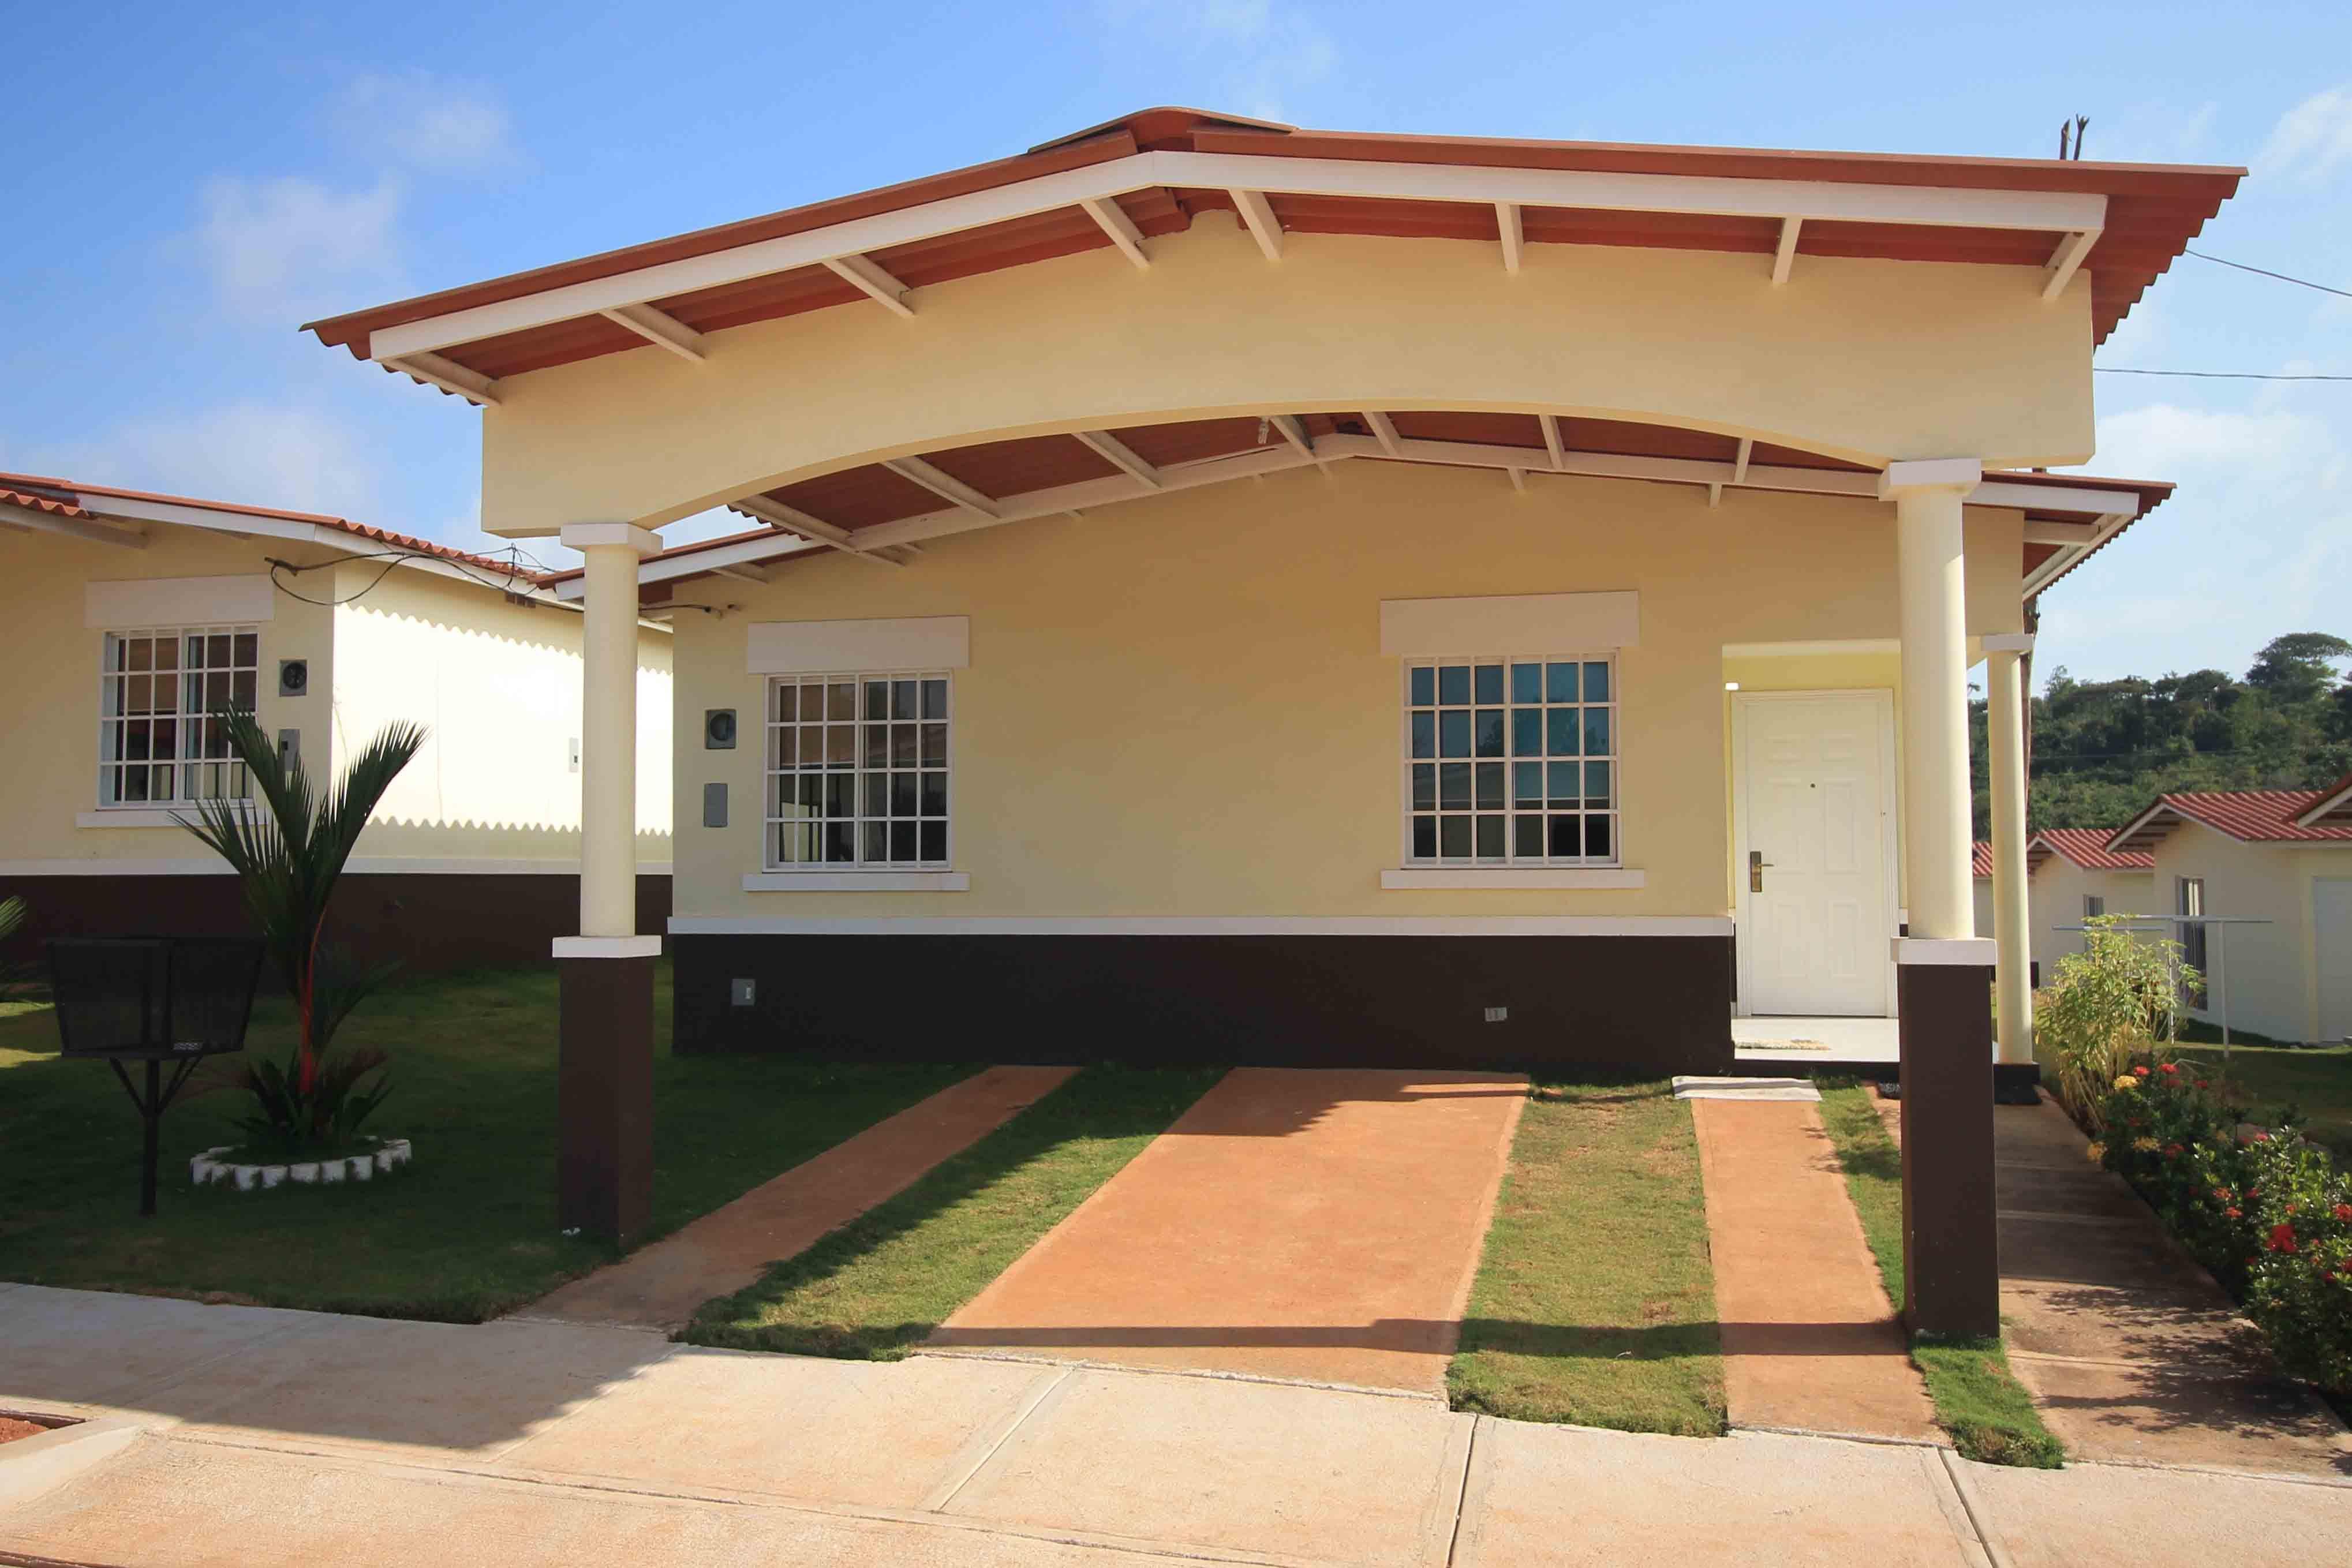 Casas en Venta en Panamá. Proyectos de vivienda en Panamá